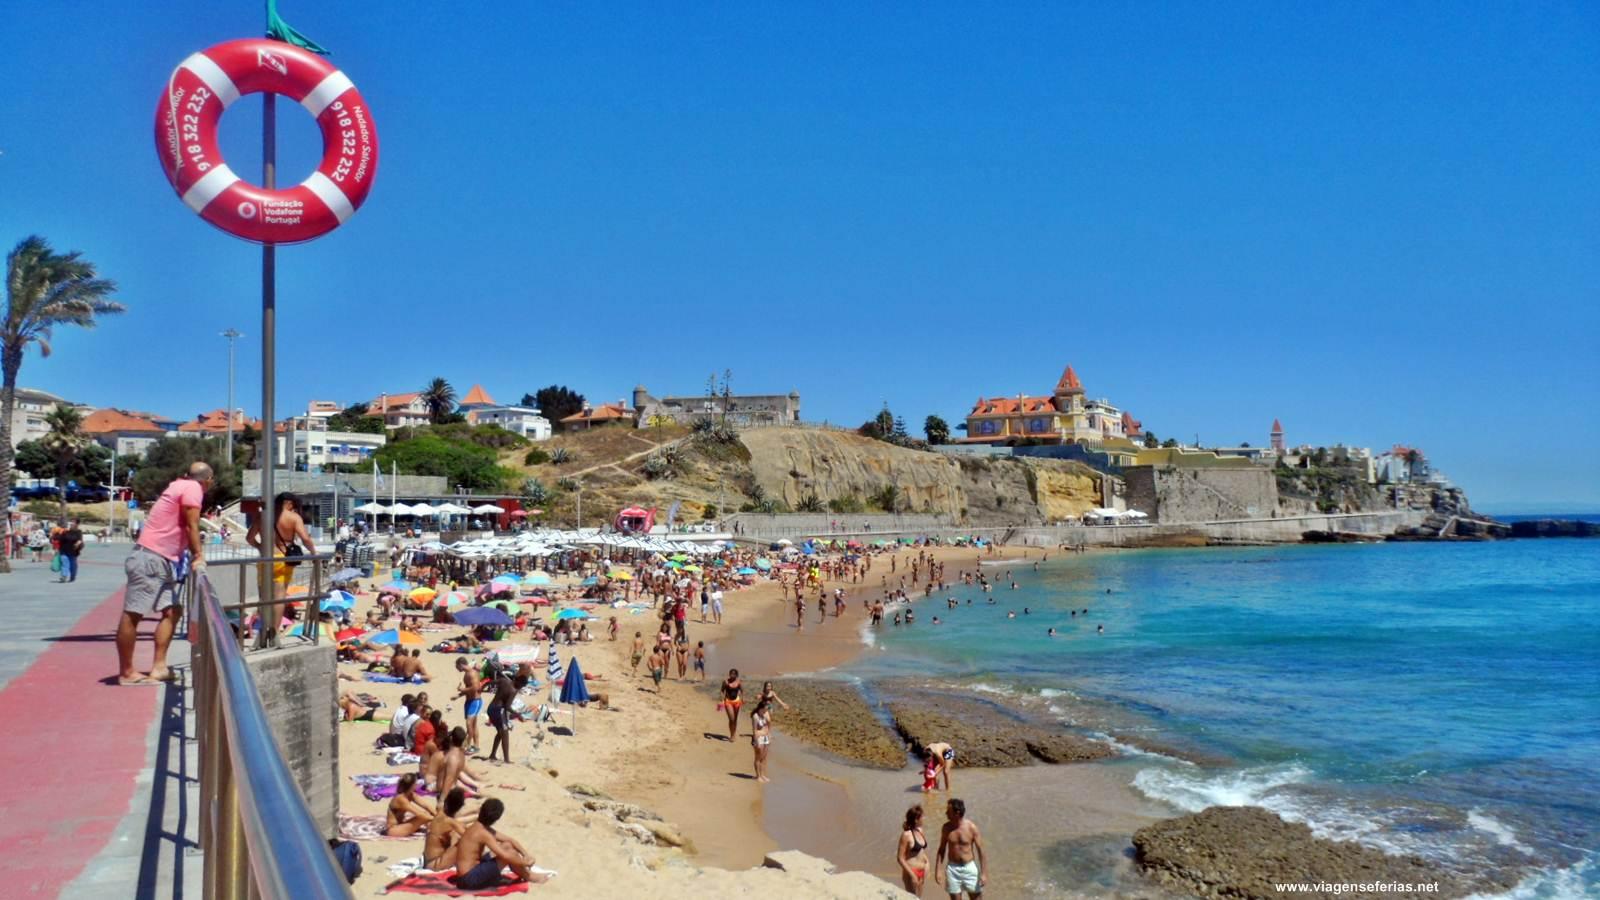 Areal com banhistas da praia da Poça em São João do Estoril durante o Verão